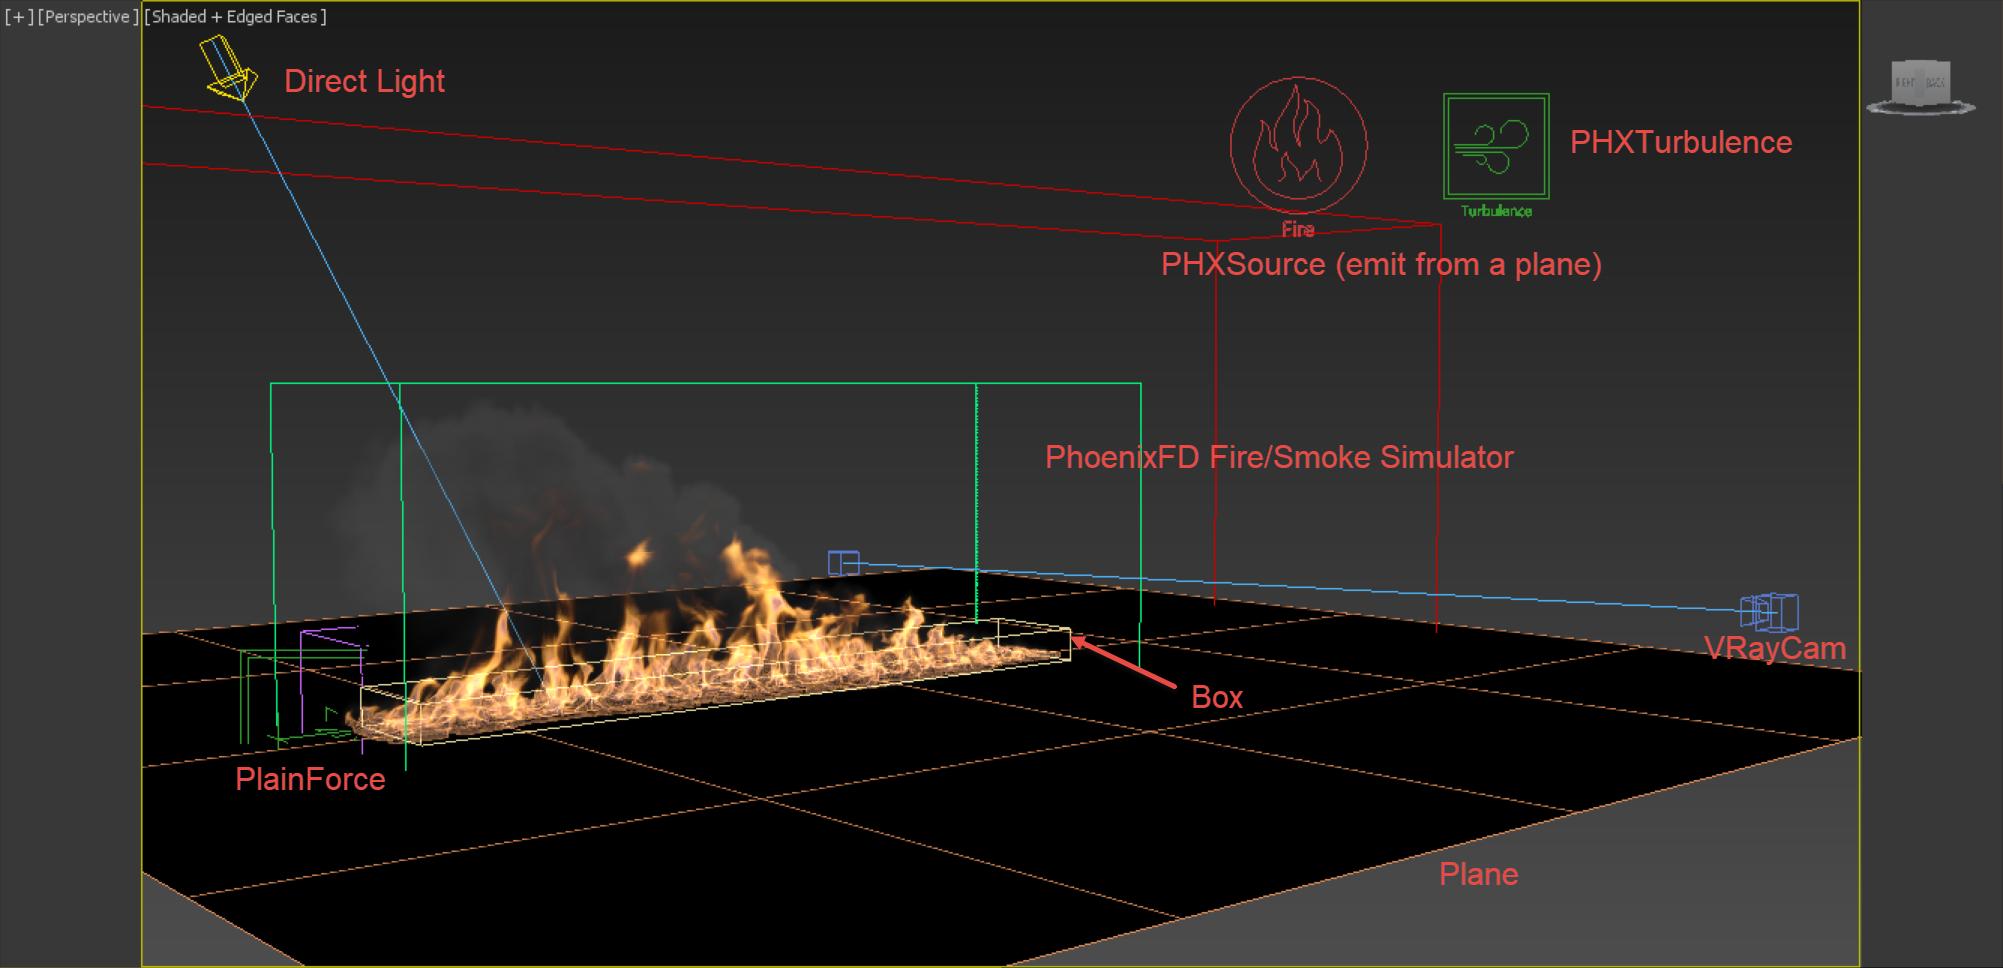 用Phoenix FD 制作蔓延的火焰